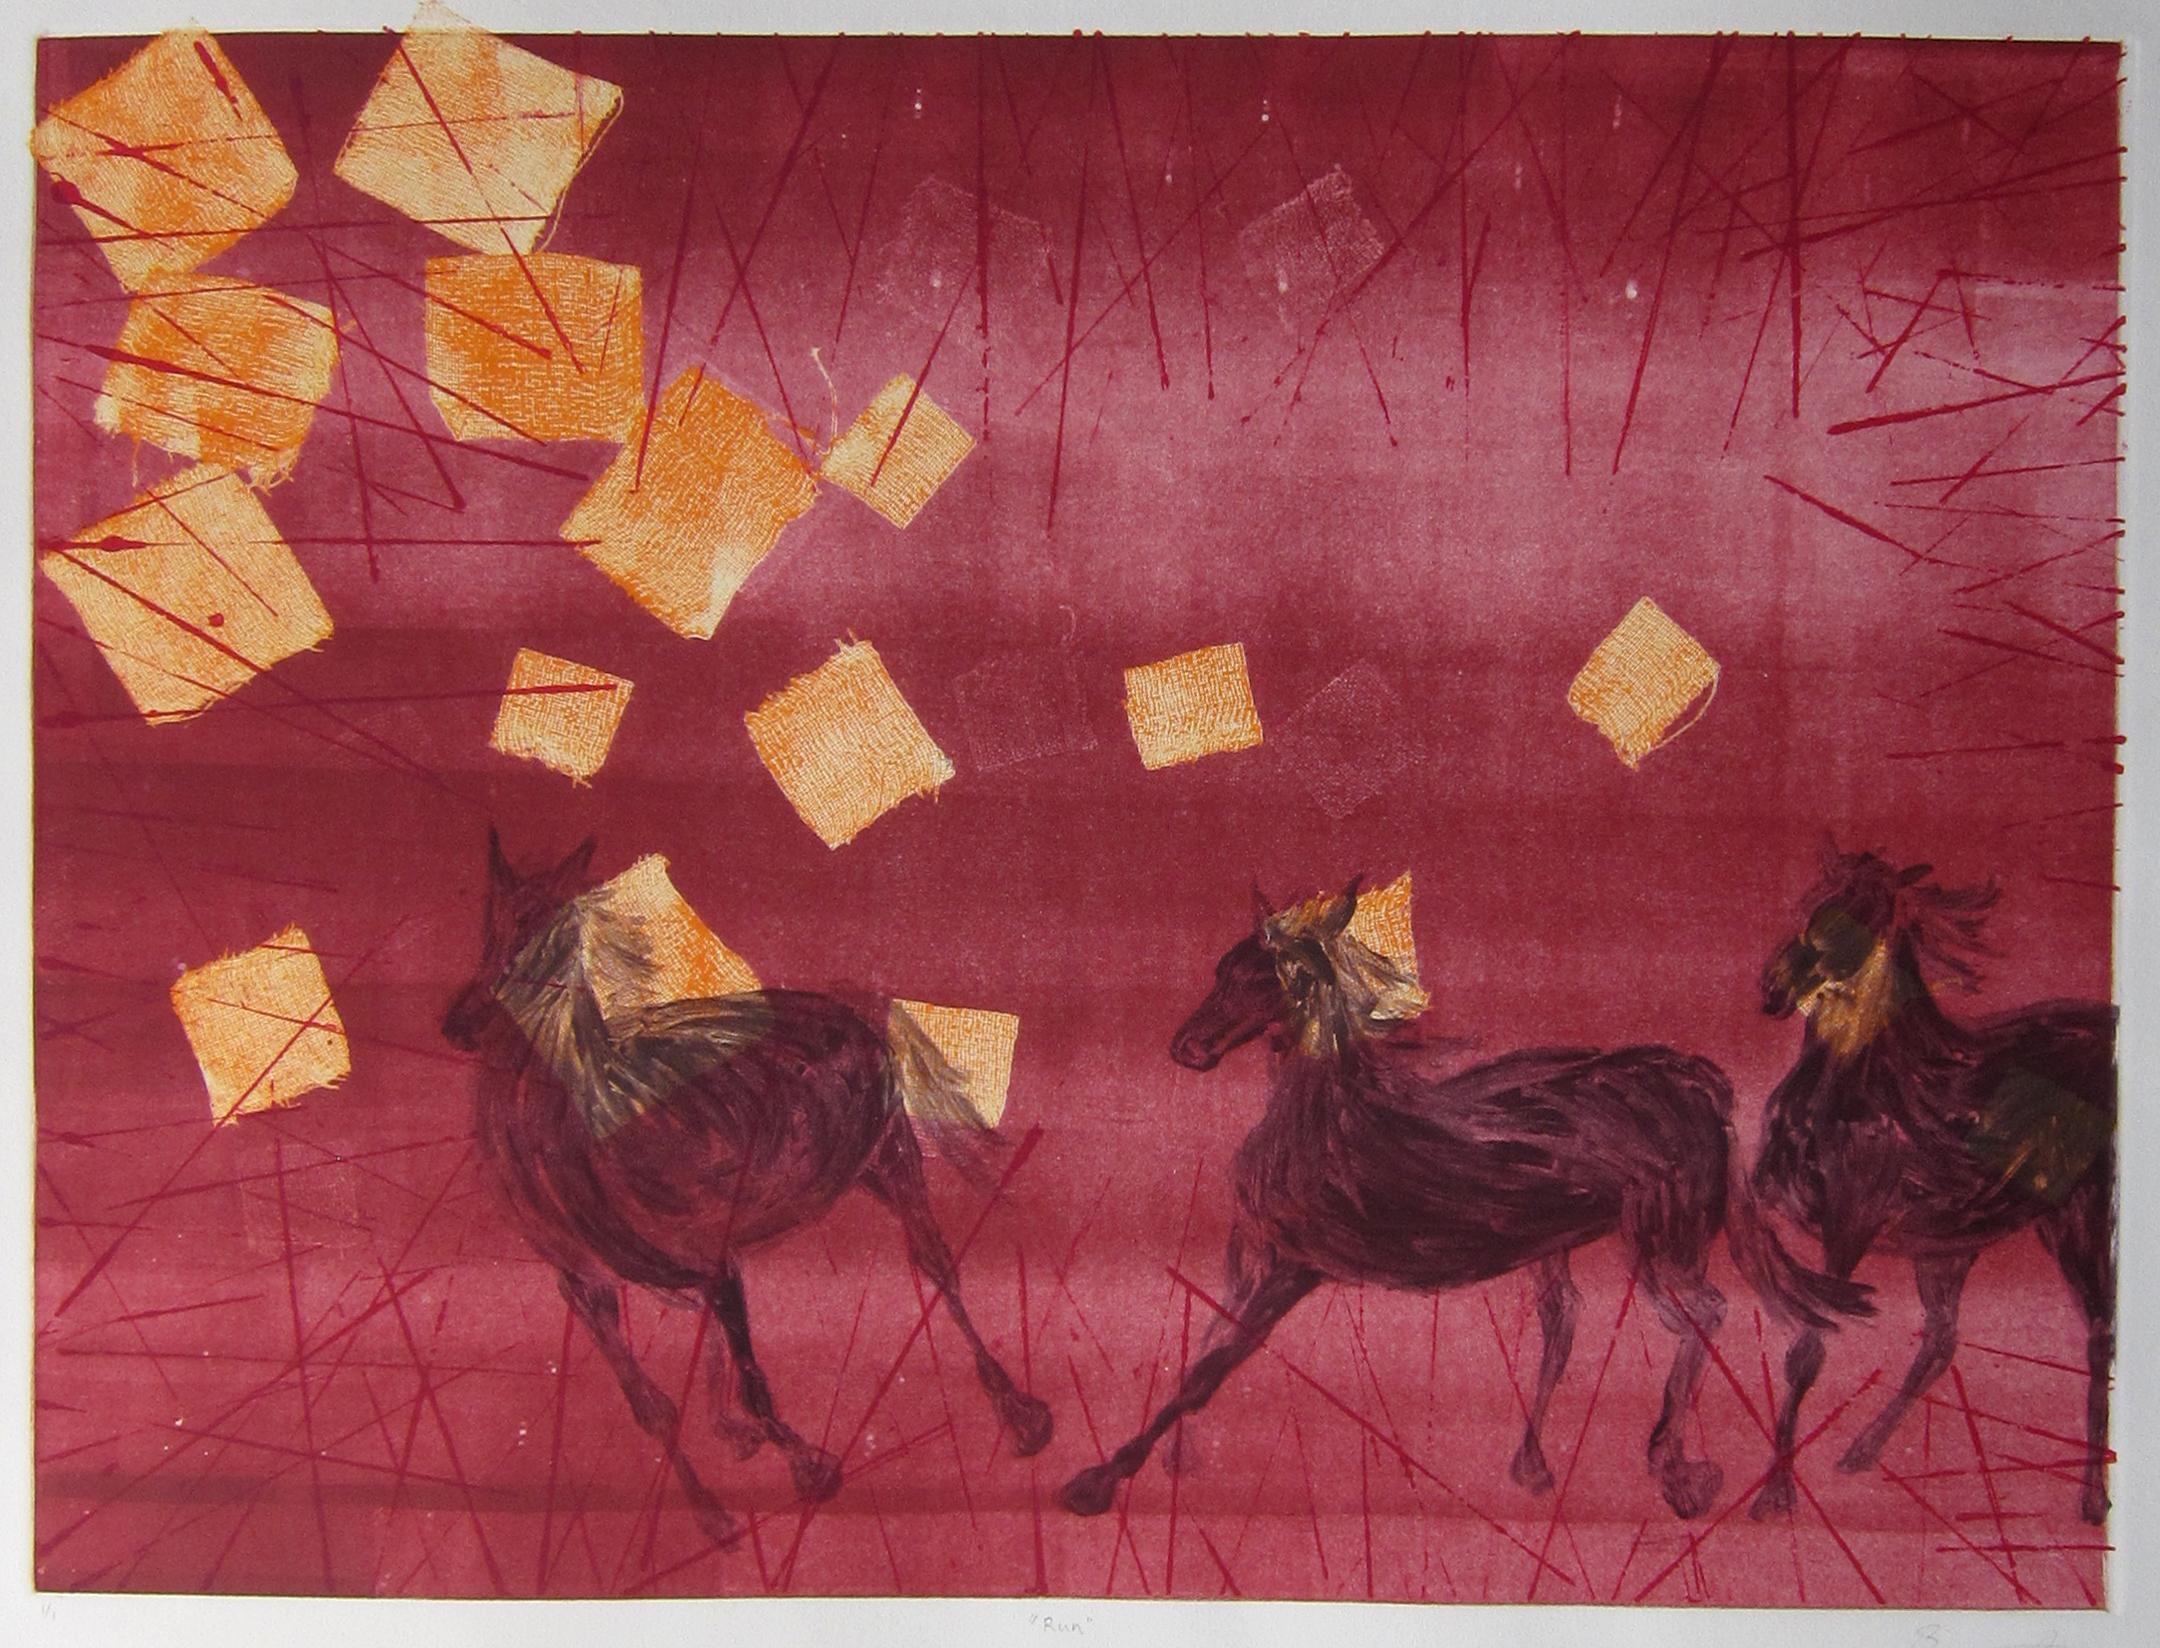 """Wild Horses   - 2011, ink on paper, 18x24"""" image, monotype"""